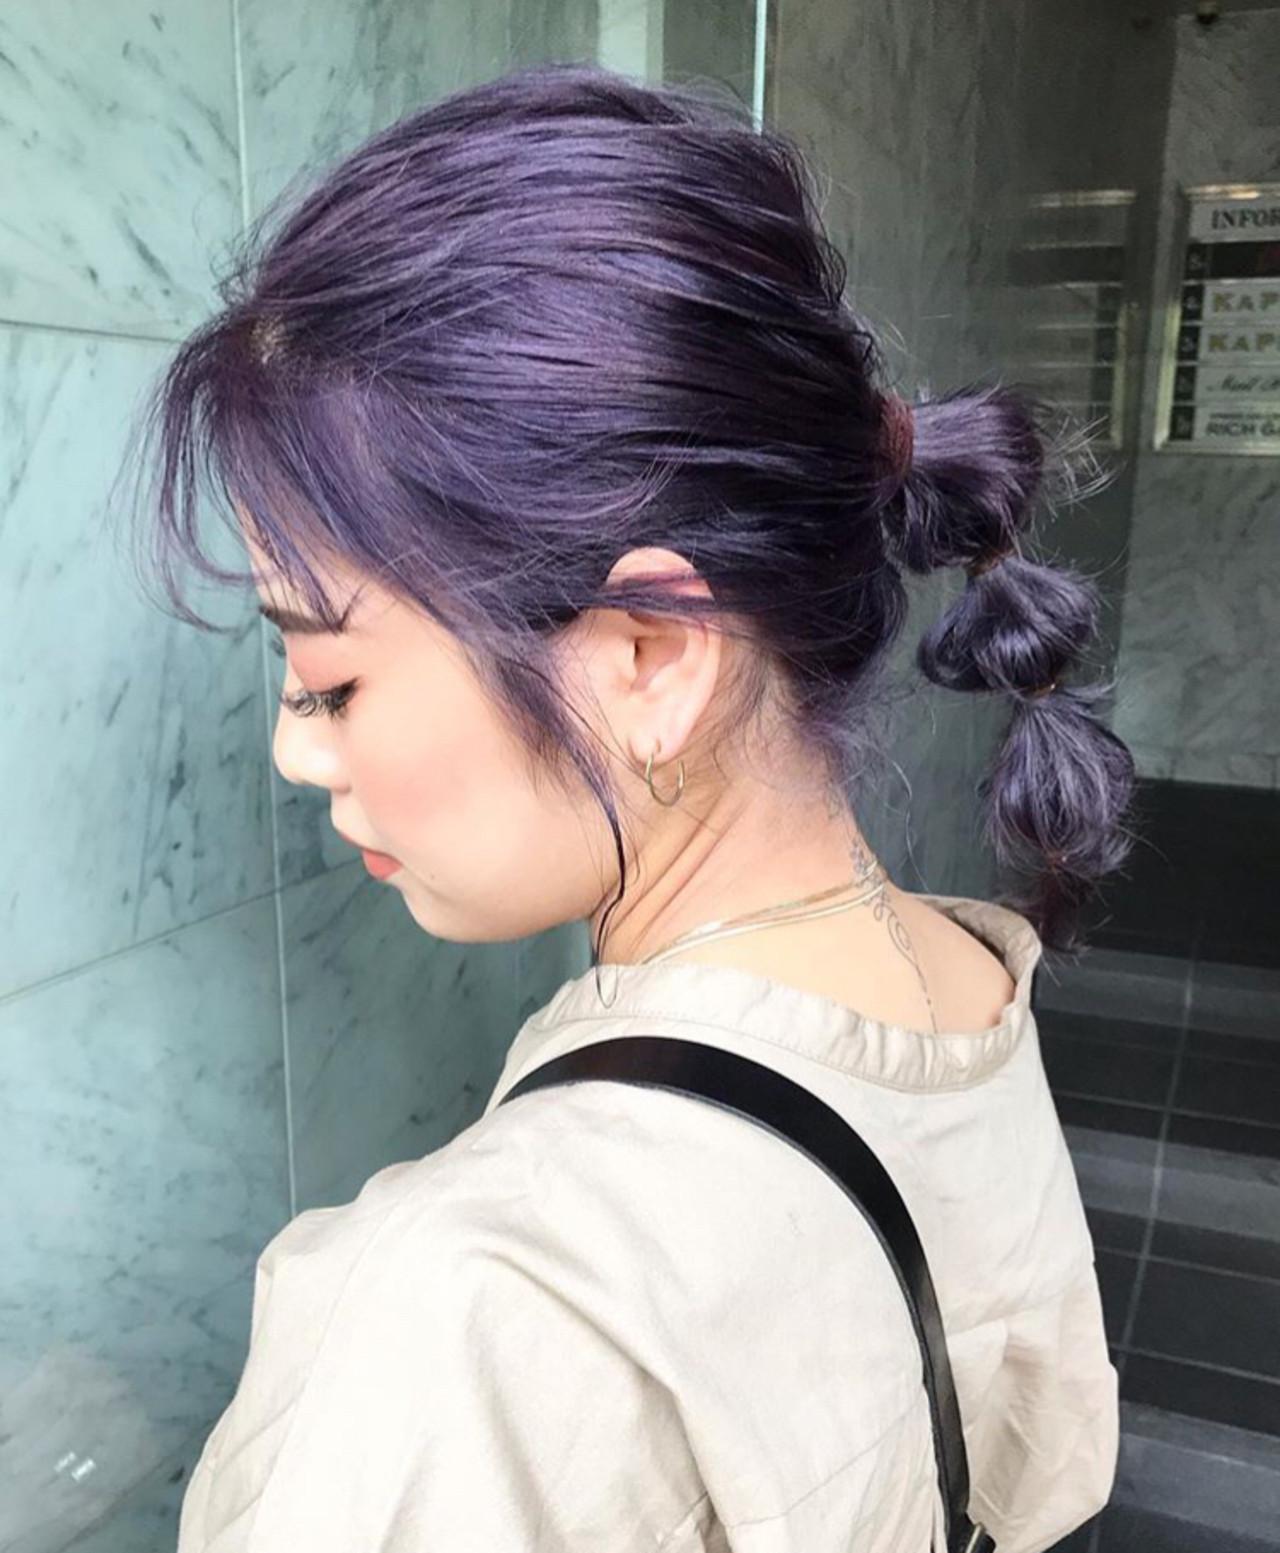 ハイトーンカラー 韓国ヘア 透明感カラー ストリート ヘアスタイルや髪型の写真・画像 | yoshiki / float 天神橋